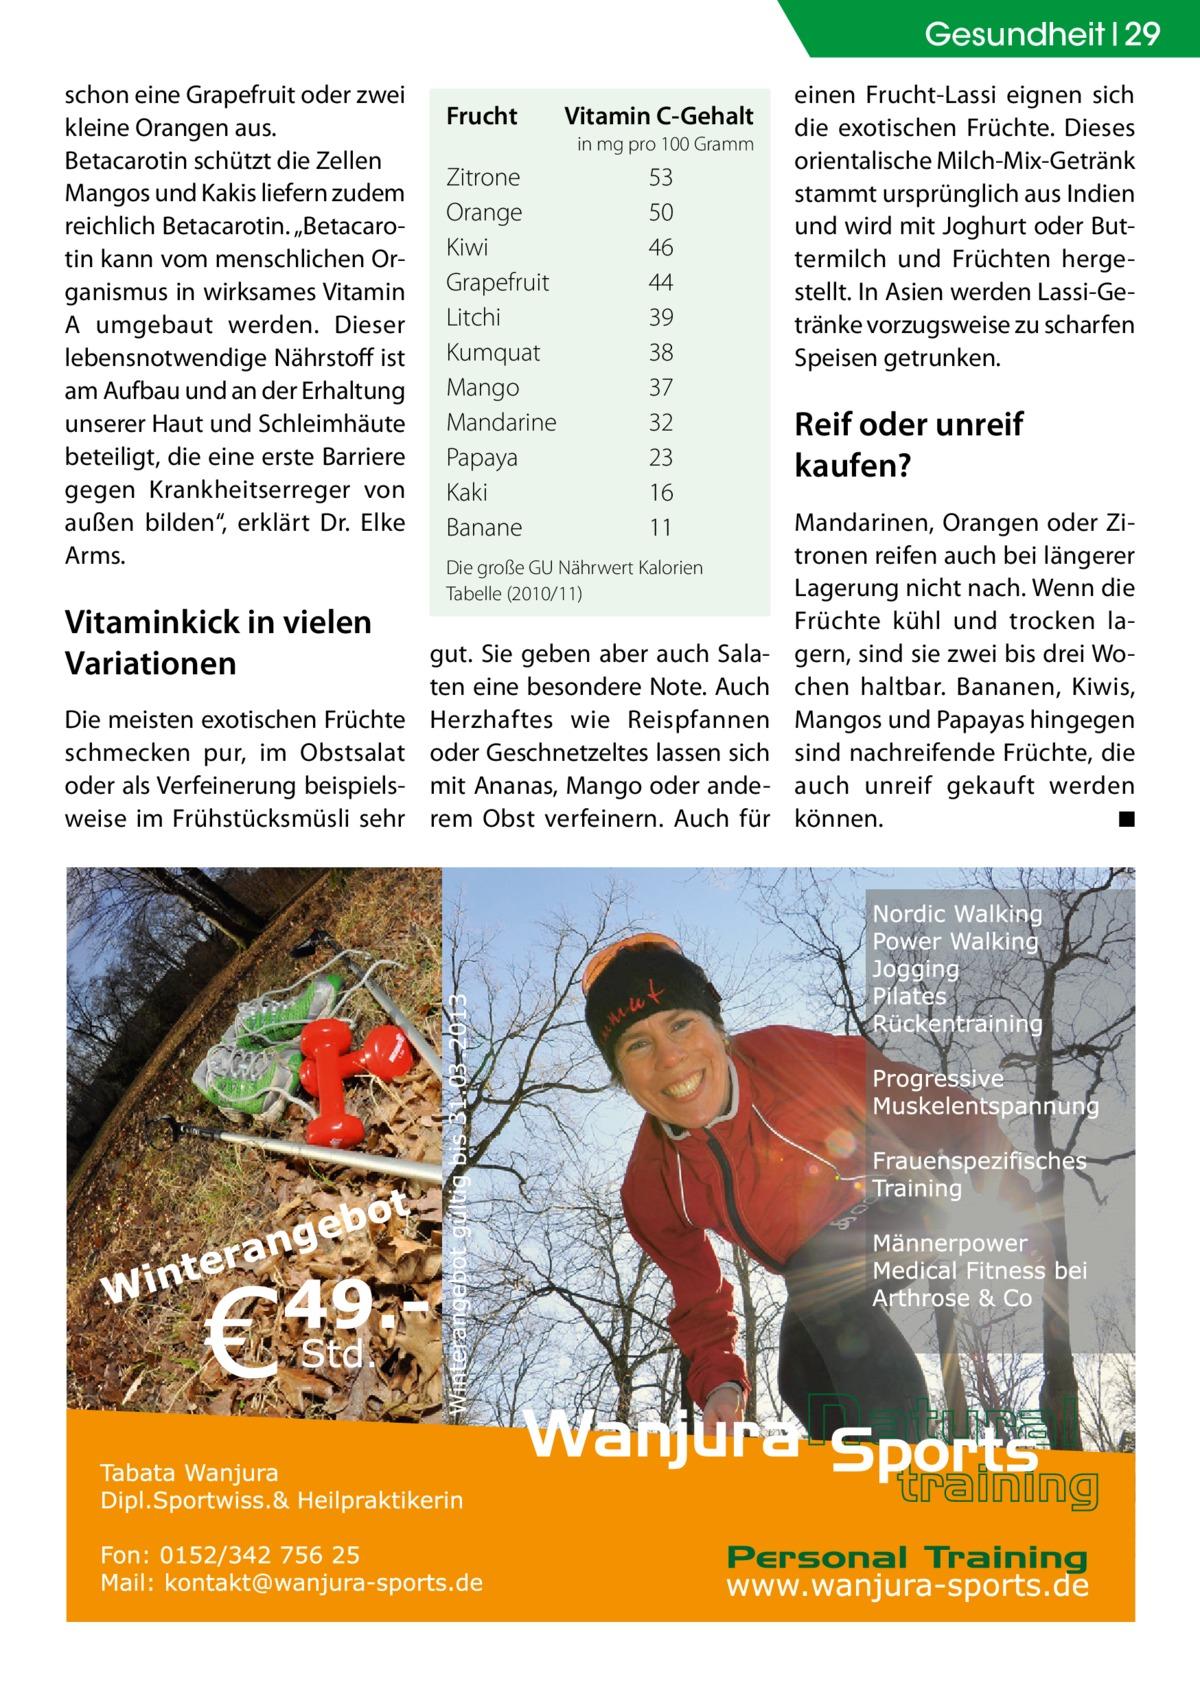 """Gesundheit 29 schon eine Grapefruit oder zwei kleine Orangen aus. Betacarotin schützt die Zellen Mangos und Kakis liefern zudem reichlich Betacarotin. """"Betacarotin kann vom menschlichen Organismus in wirksames Vitamin A umgebaut werden. Dieser lebensnotwendige Nährstoff ist am Aufbau und an der Erhaltung unserer Haut und Schleimhäute beteiligt, die eine erste Barriere gegen Krankheitserreger von außen bilden"""", erklärt Dr. Elke Arms.  Vitaminkick in vielen Variationen Die meisten exotischen Früchte schmecken pur, im Obstsalat oder als Verfeinerung beispielsweise im Frühstücksmüsli sehr  Frucht� �  Vitamin C-Gehalt in mg pro 100 Gramm  Zitrone53 Orange  50 Kiwi  46 Grapefruit  44 Litchi  39 Kumquat  38 Mango  37 Mandarine  32 Papaya  23 Kaki  16 Banane  11 Die große GU Nährwert Kalorien Tabelle (2010/11)  gut. Sie geben aber auch Salaten eine besondere Note. Auch Herzhaftes wie Reispfannen oder Geschnetzeltes lassen sich mit Ananas, Mango oder anderem Obst verfeinern. Auch für  einen Frucht-Lassi eignen sich die exotischen Früchte. Dieses orientalische Milch-Mix-Getränk stammt ursprünglich aus Indien und wird mit Joghurt oder Buttermilch und Früchten hergestellt. In Asien werden Lassi-Getränke vorzugsweise zu scharfen Speisen getrunken.  Reif oder unreif kaufen? Mandarinen, Orangen oder Zitronen reifen auch bei längerer Lagerung nicht nach. Wenn die Früchte kühl und trocken lagern, sind sie zwei bis drei Wochen haltbar. Bananen, Kiwis, Mangos und Papayas hingegen sind nachreifende Früchte, die auch unreif gekauft werden können. � ◾"""